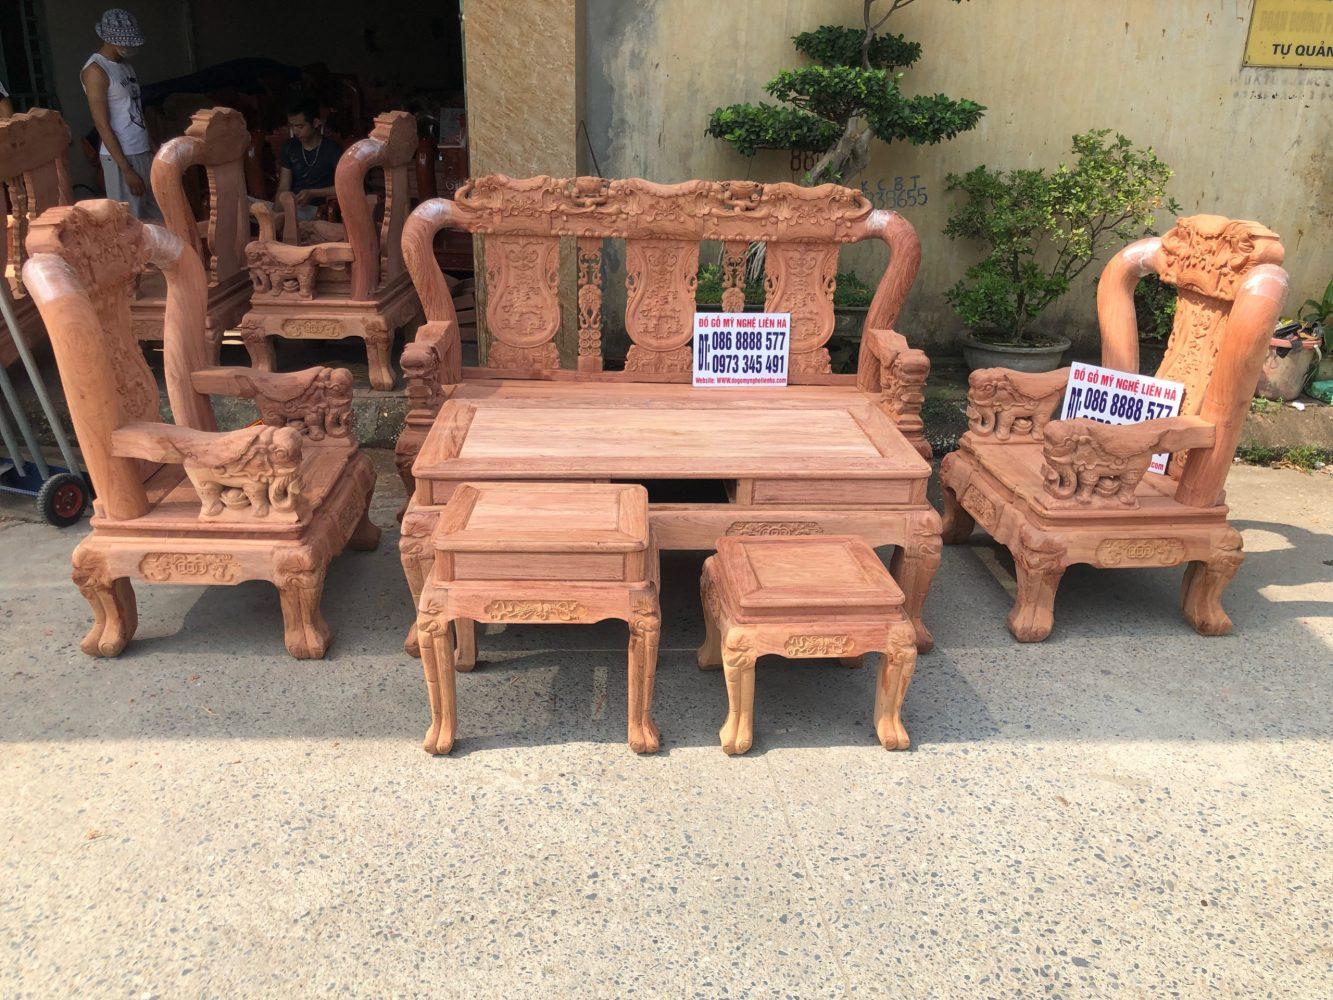 Bộ Ghế Minh Quốc Voi 6 Món Cột 12 Gỗ Hương Đá